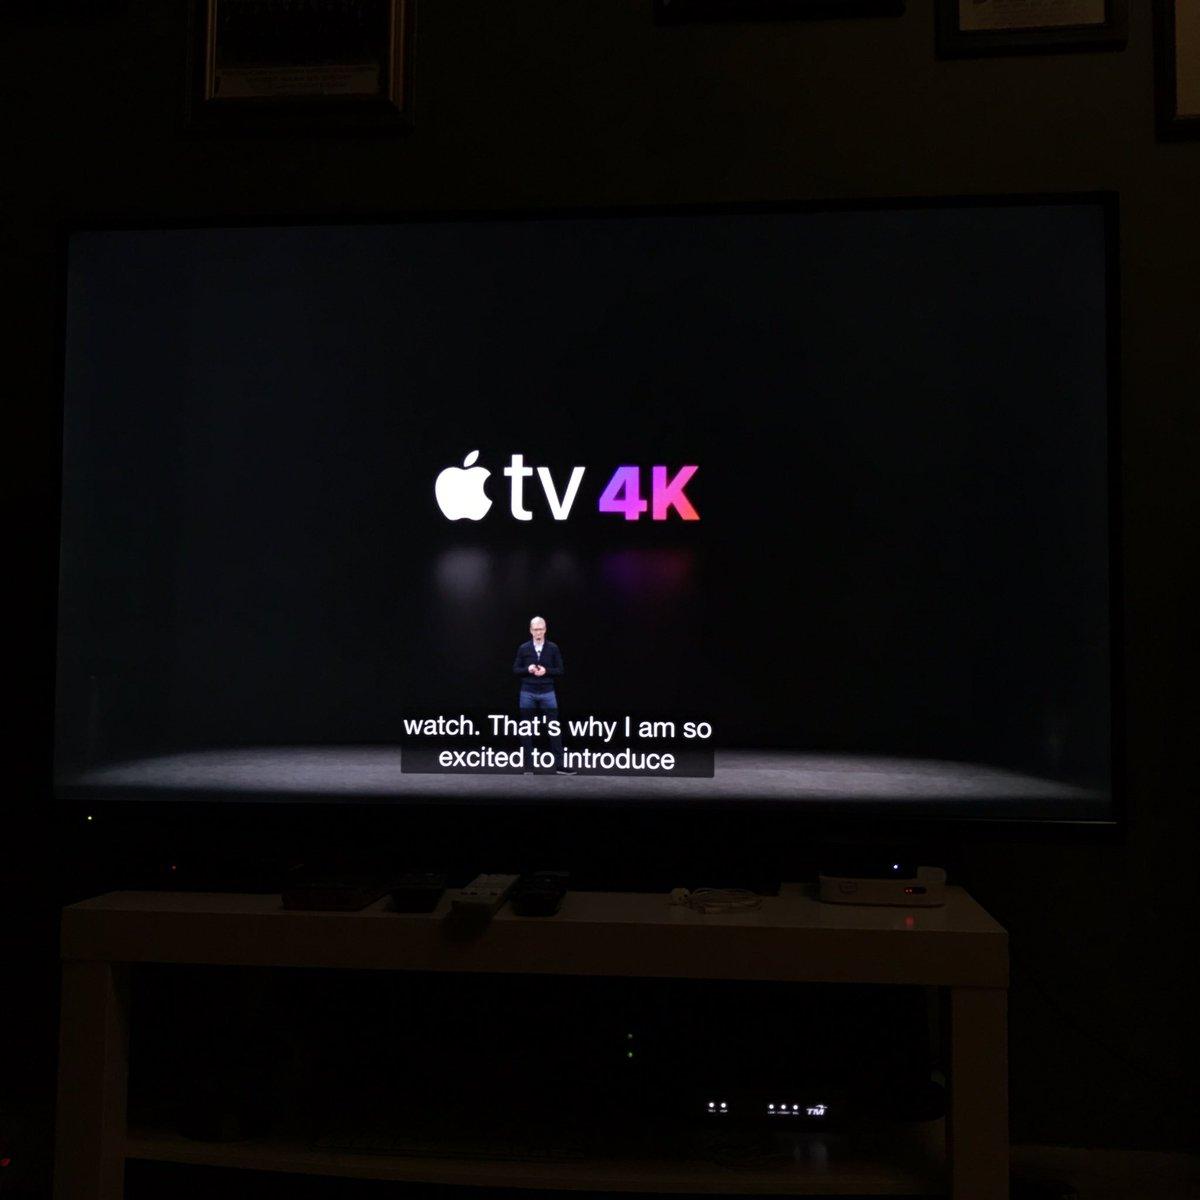 @Apple TV 4K???? Awesome!!! X menyesal Abam beli Apple TV 😜